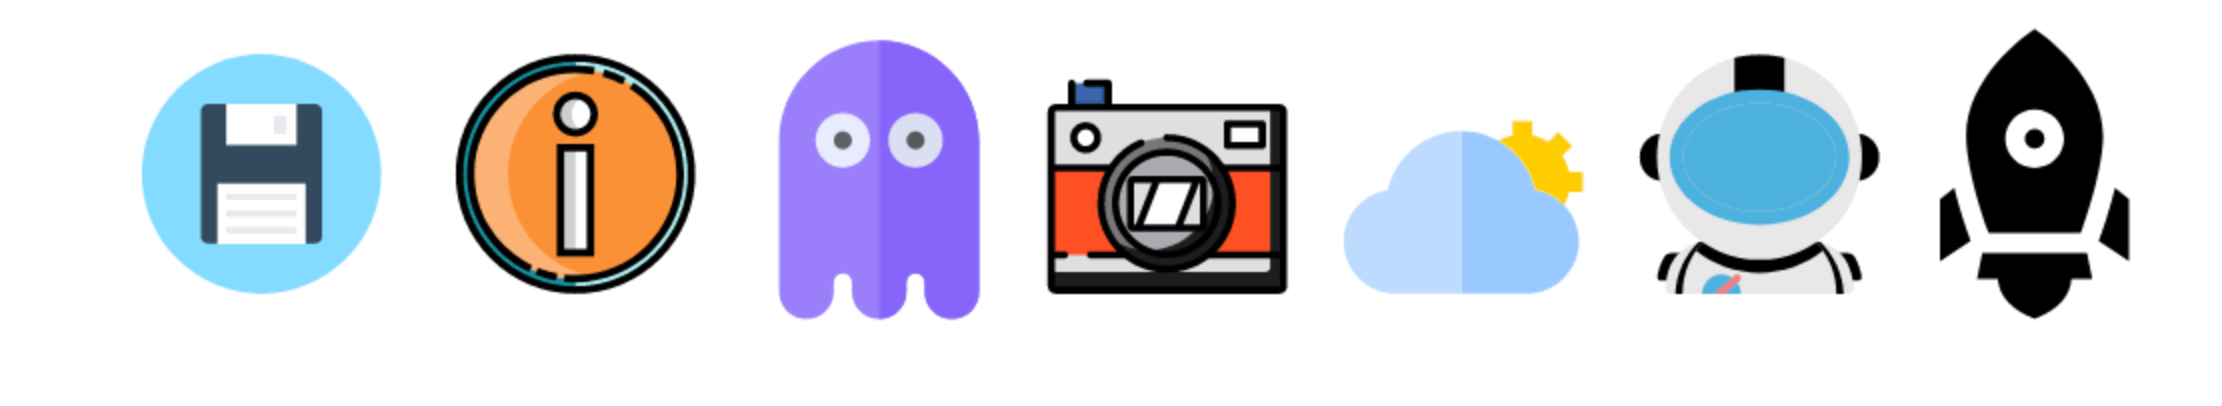 【プロが選ぶ】ロゴデザイン自動作成サイト厳選3選【無料あり】